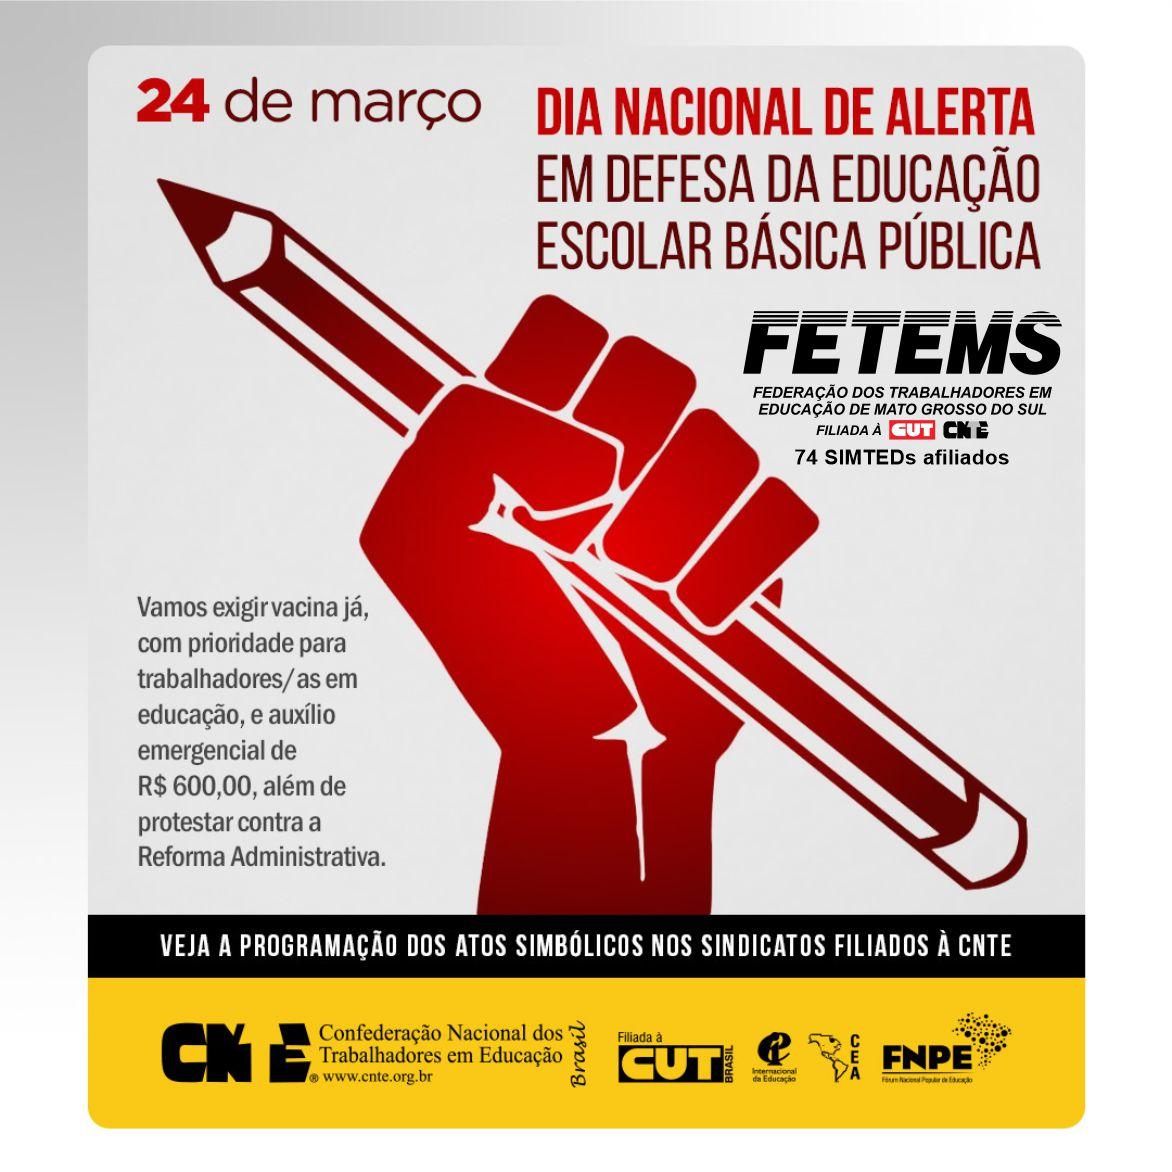 24 de março - Dia Nacional de Alerta em defesa da educação escolar básica pública e Lockdown pela Vida 1